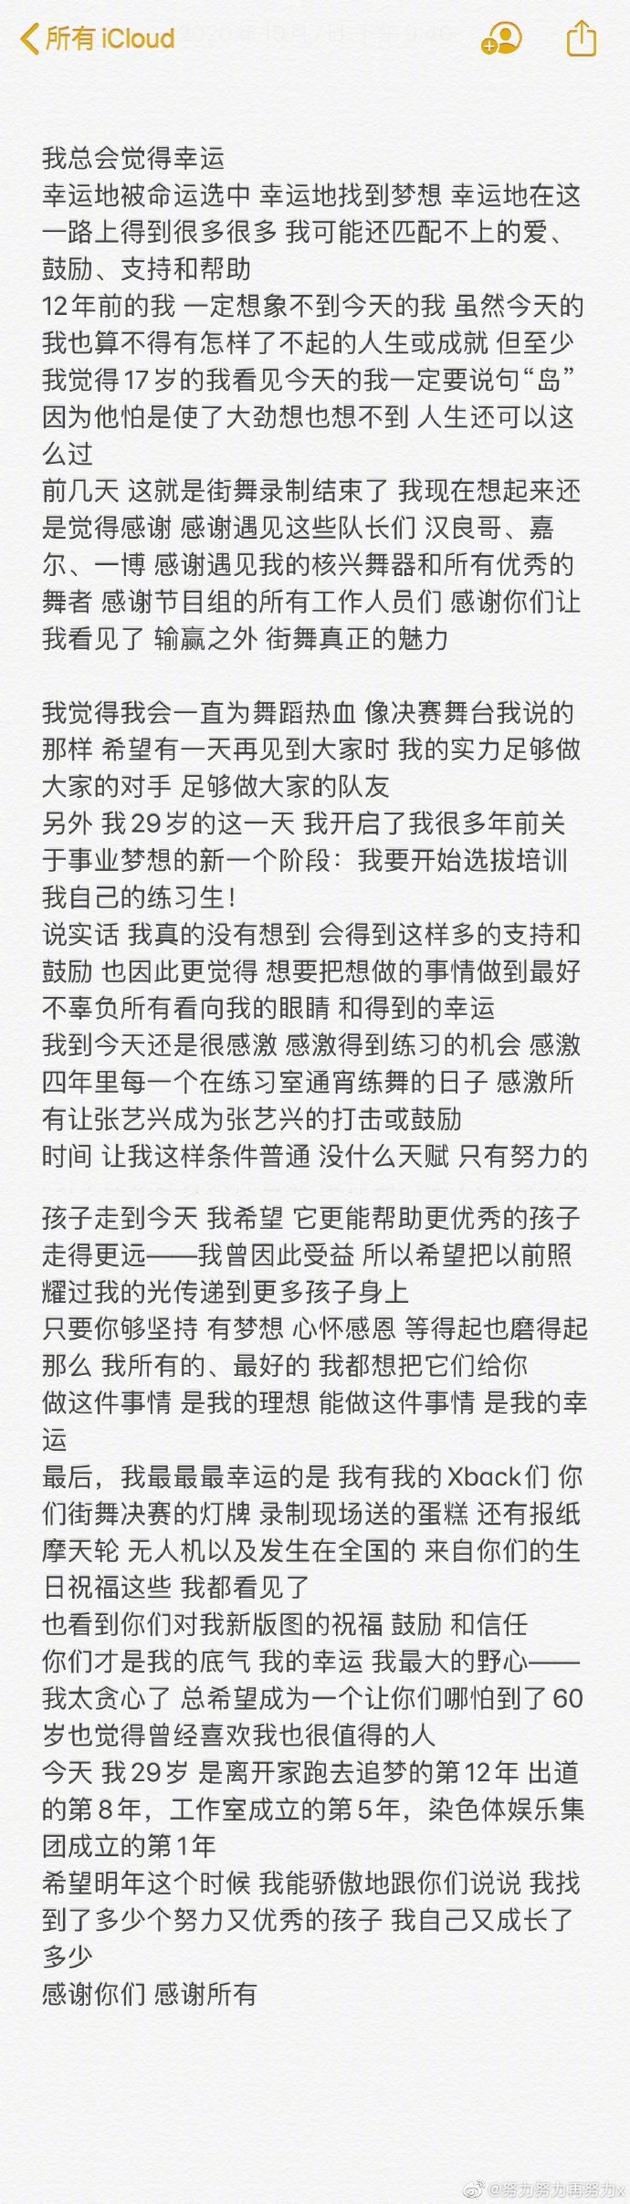 张艺兴生日发长文。